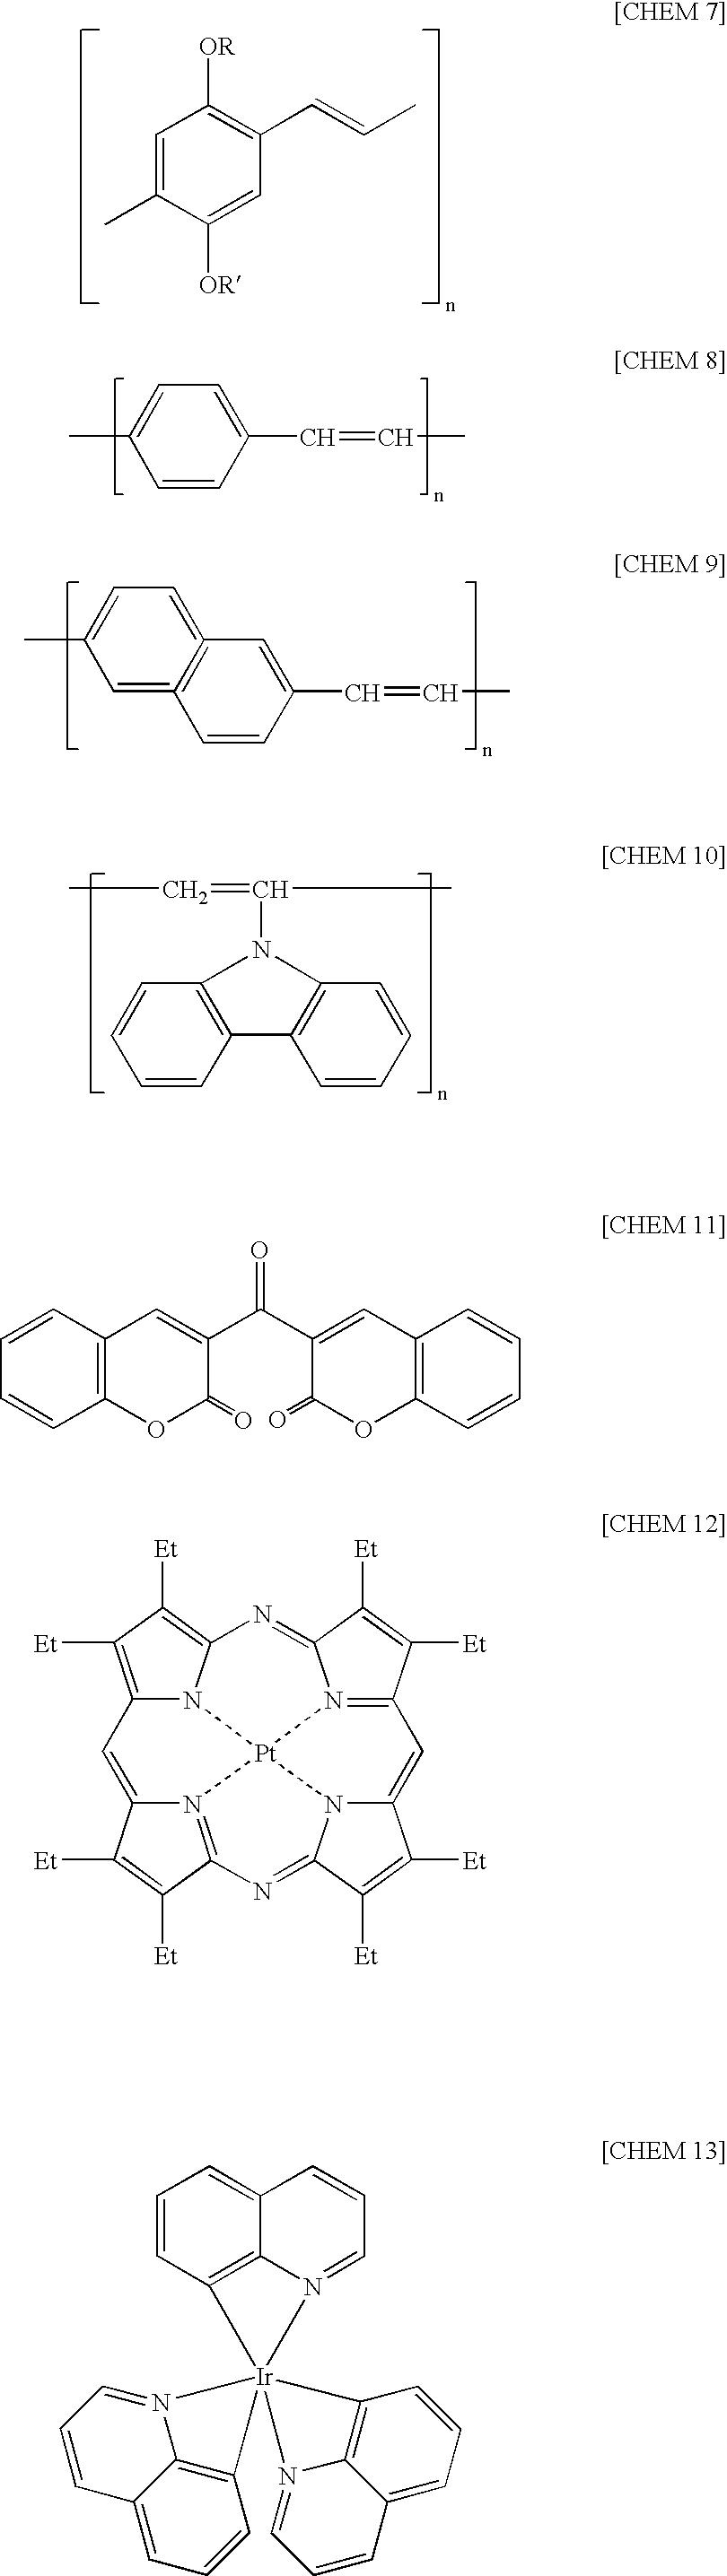 Figure US20050206313A1-20050922-C00002